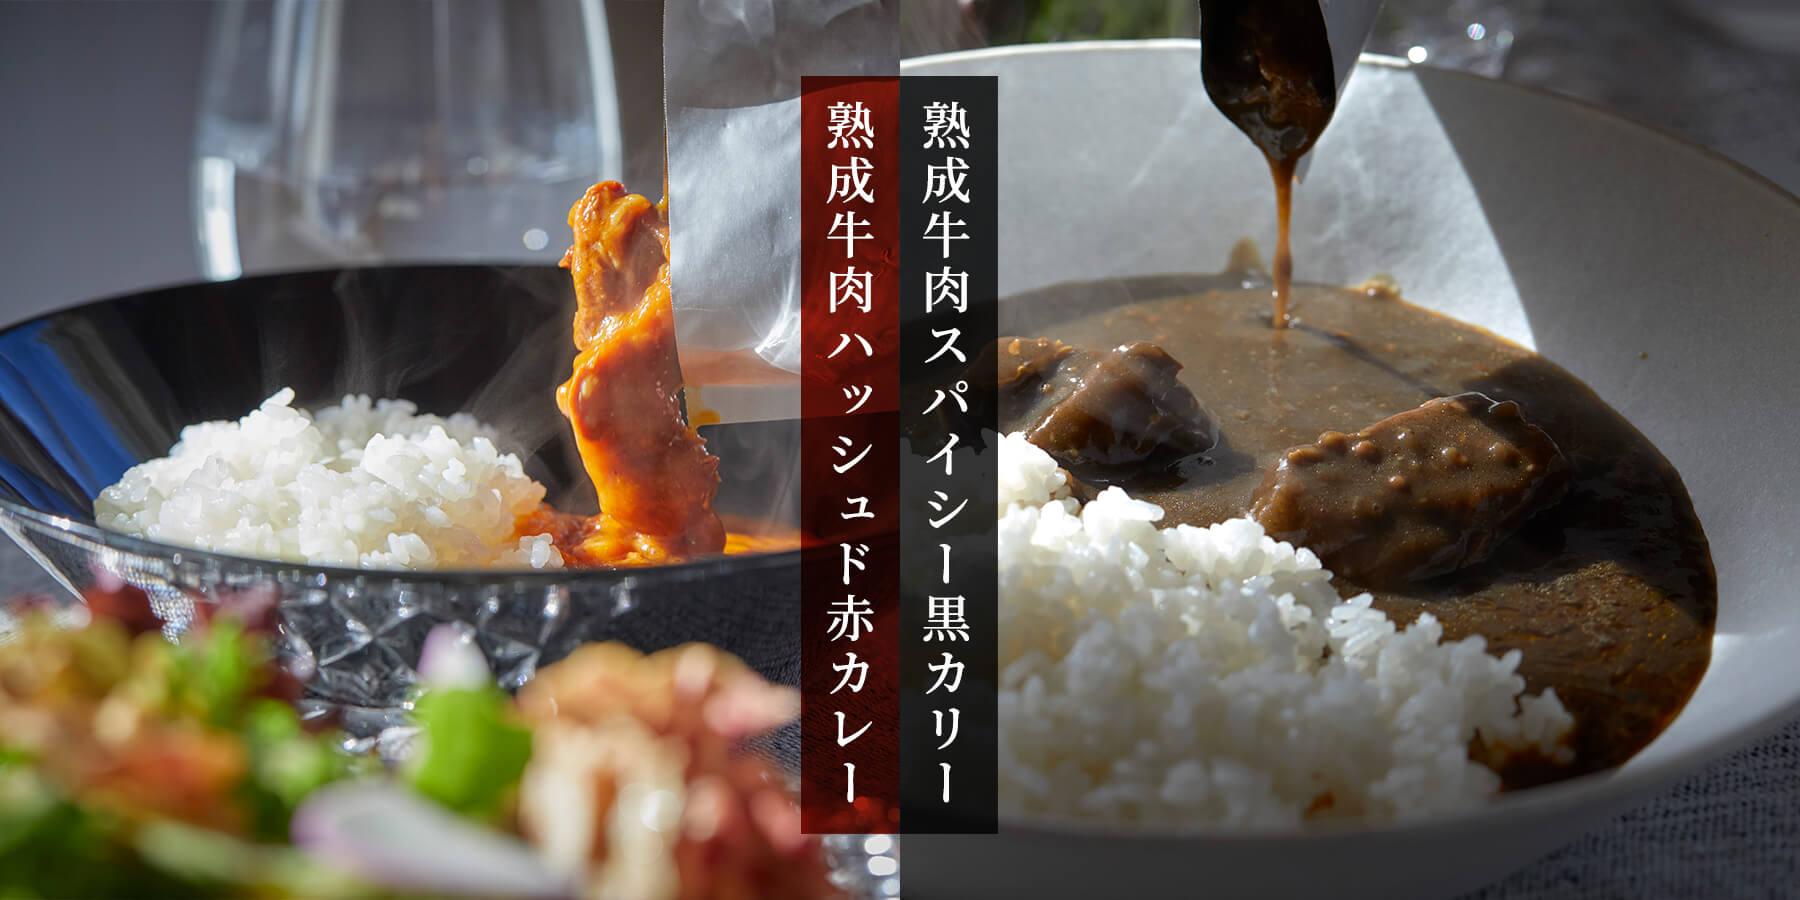 slide_22.jpg